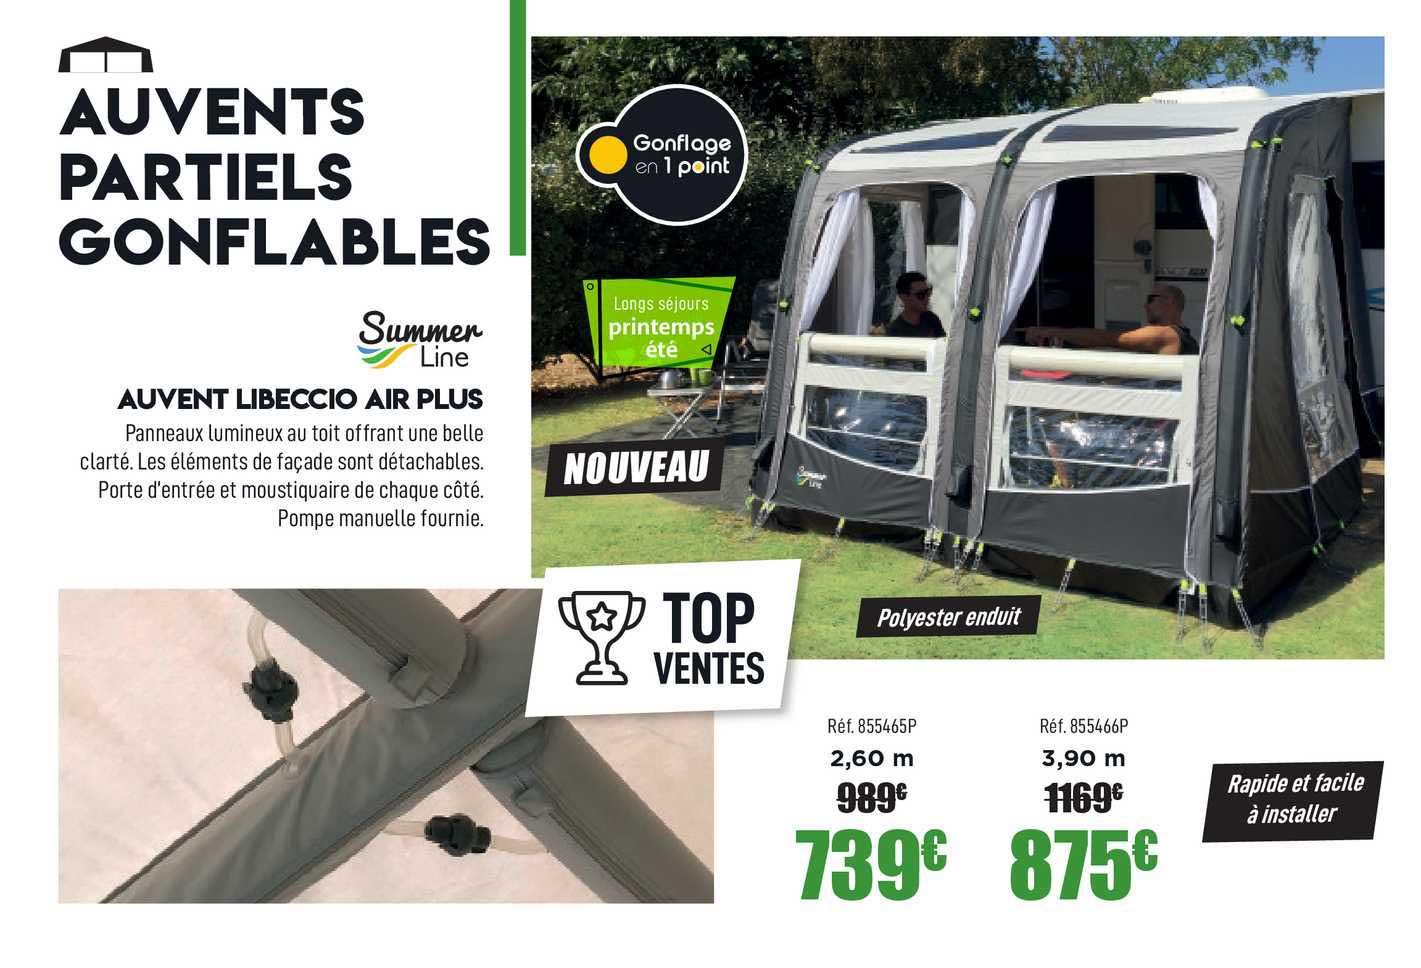 Narbonne Accessoires Auvents Libeccio Air Plus Summer Line